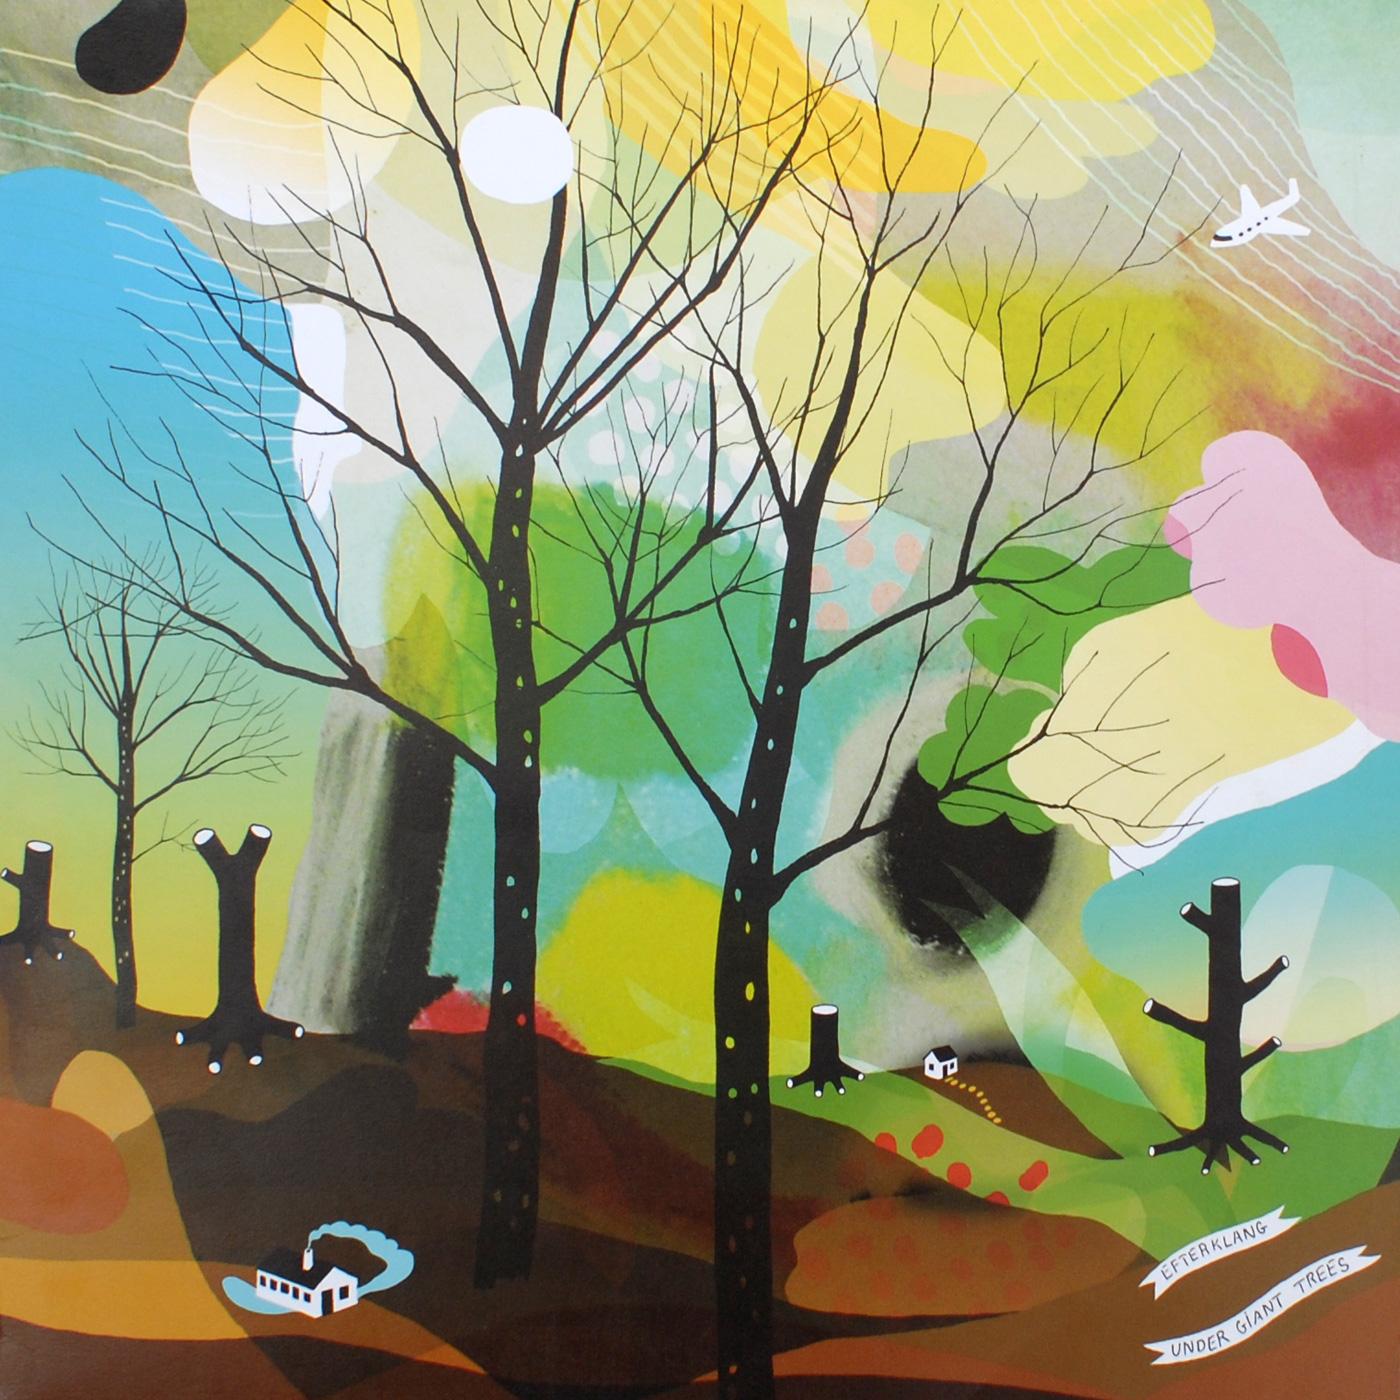 Under Giant Trees - 2007 - Efterklang(Mini-album)